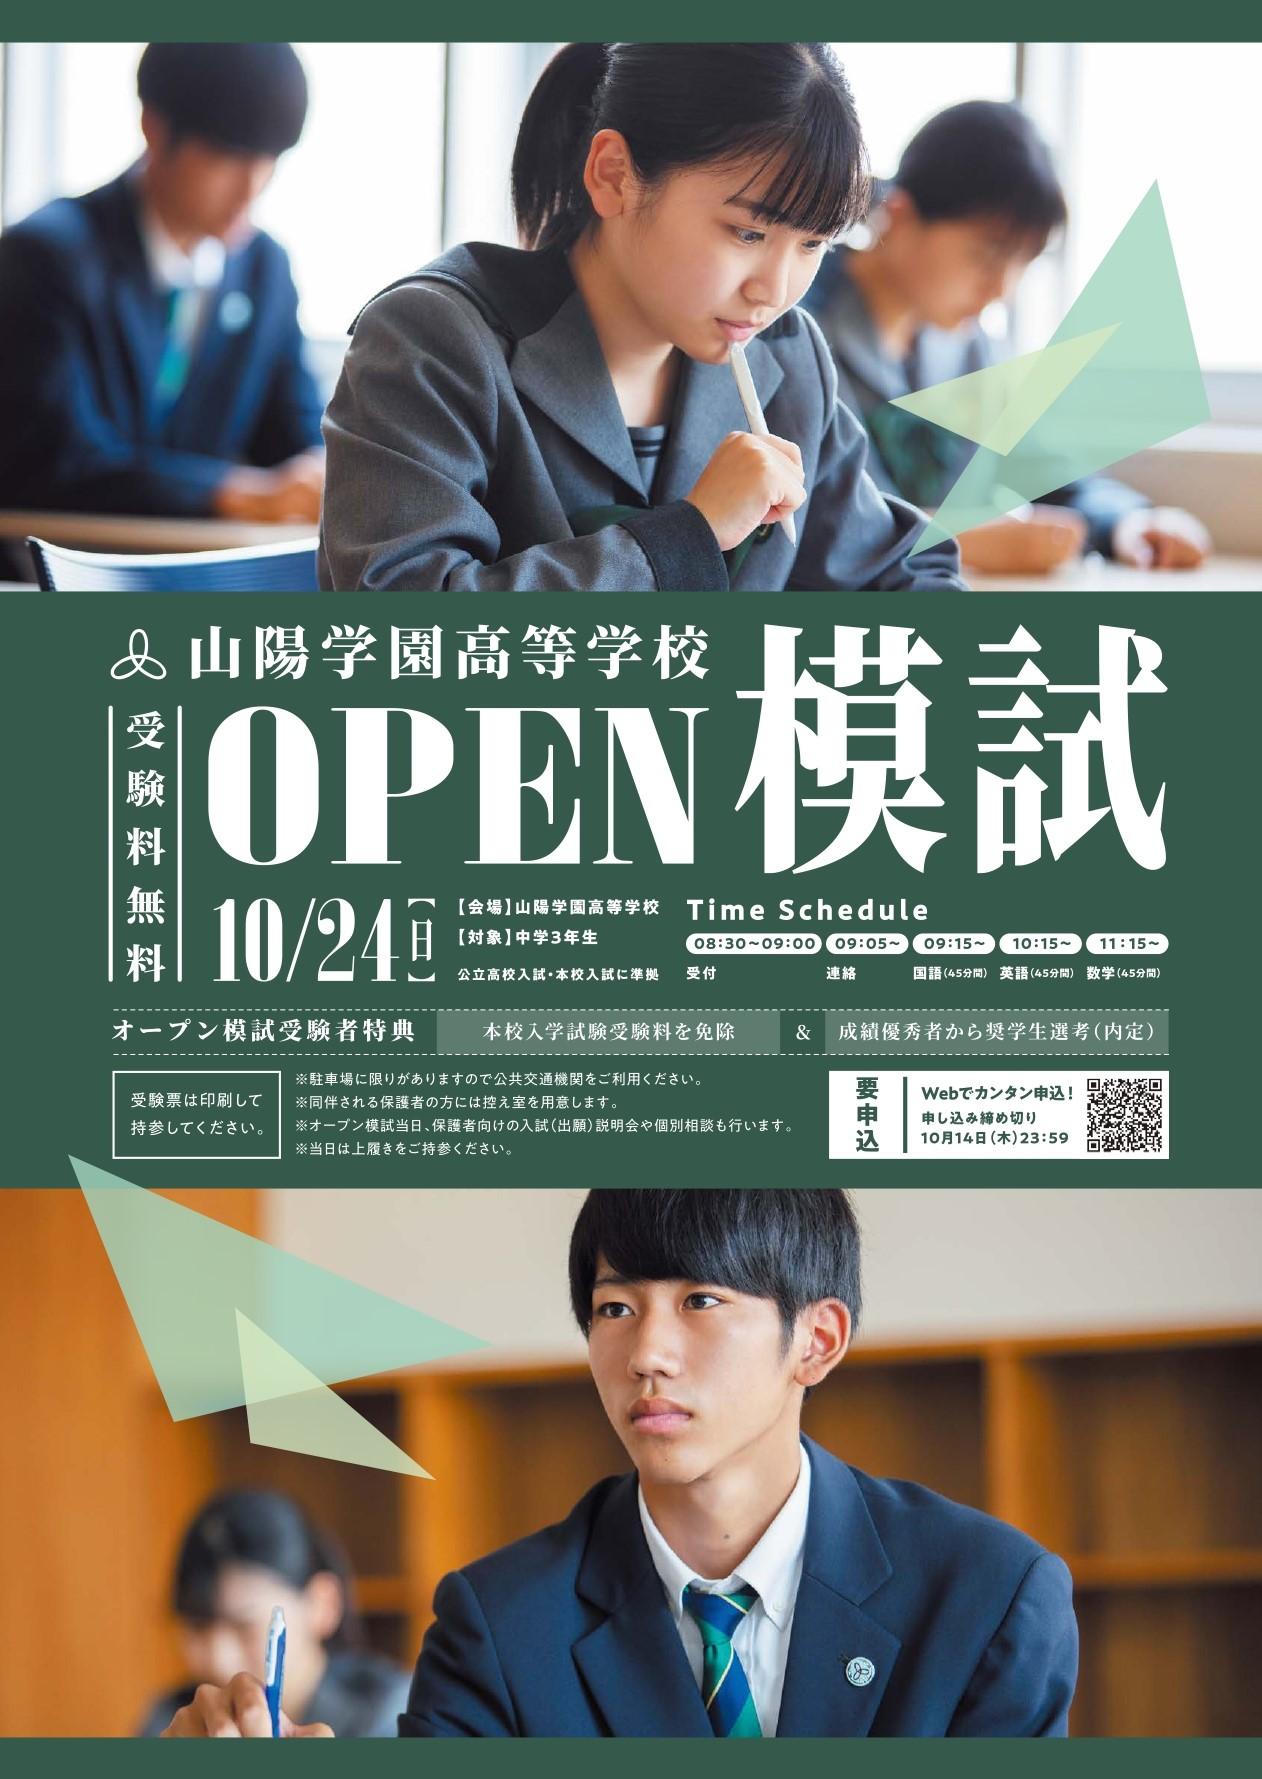 高校オープン模試